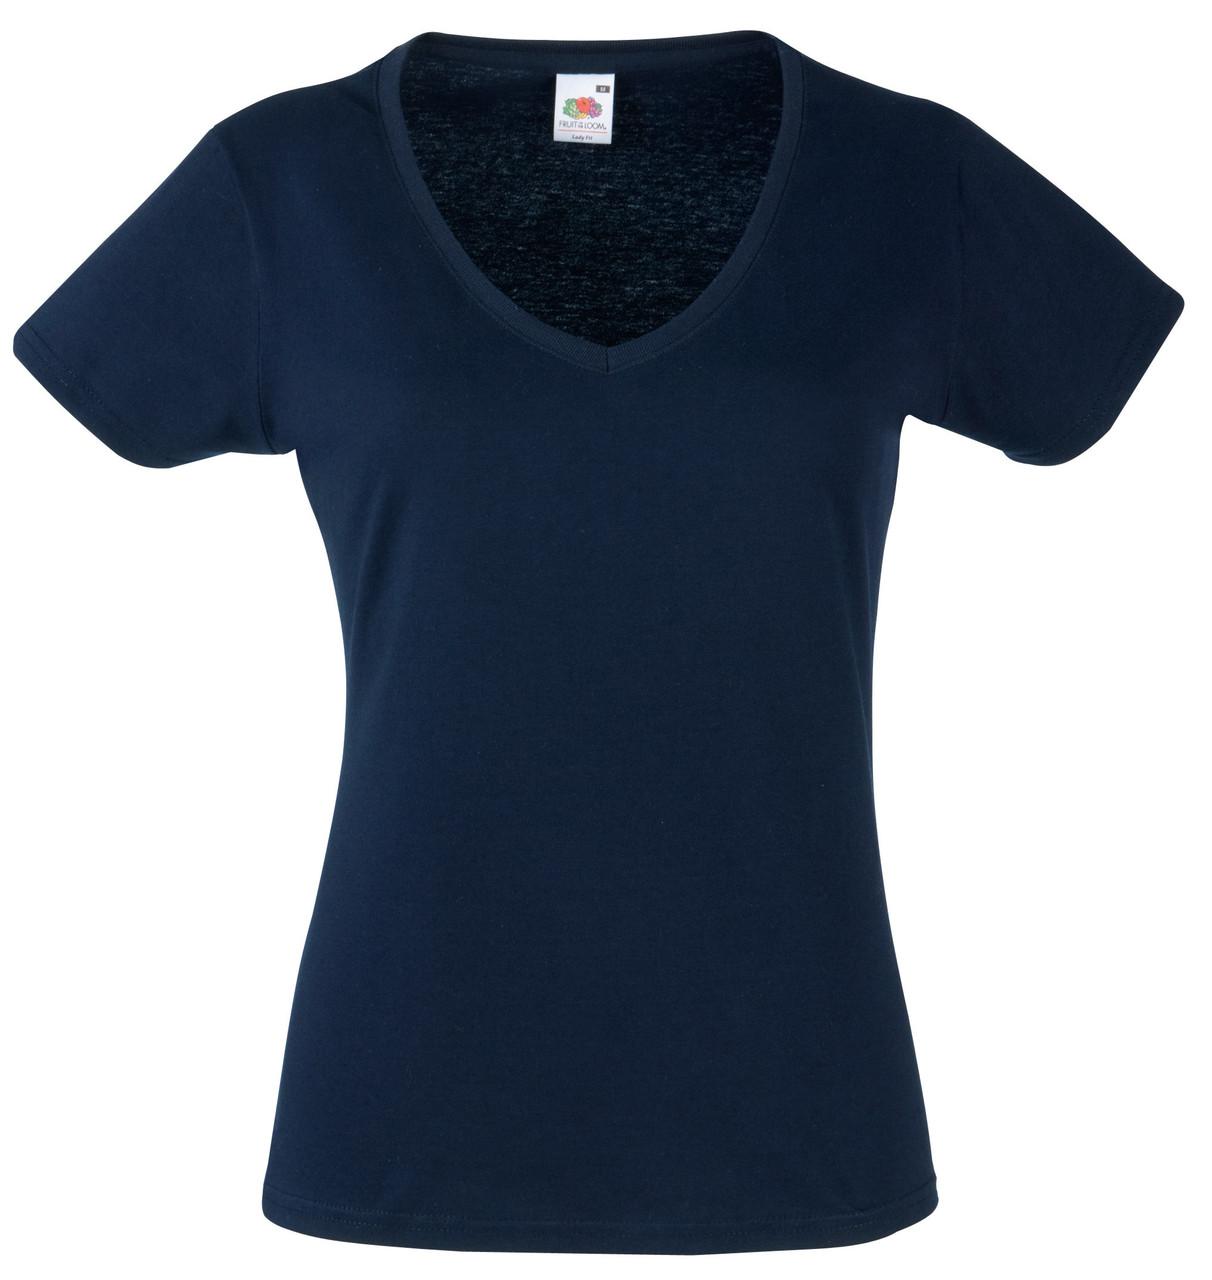 Женская Футболка С V-образным вырезом Глубоко тёмно-синяя Fruit of the loom 61-398-az M